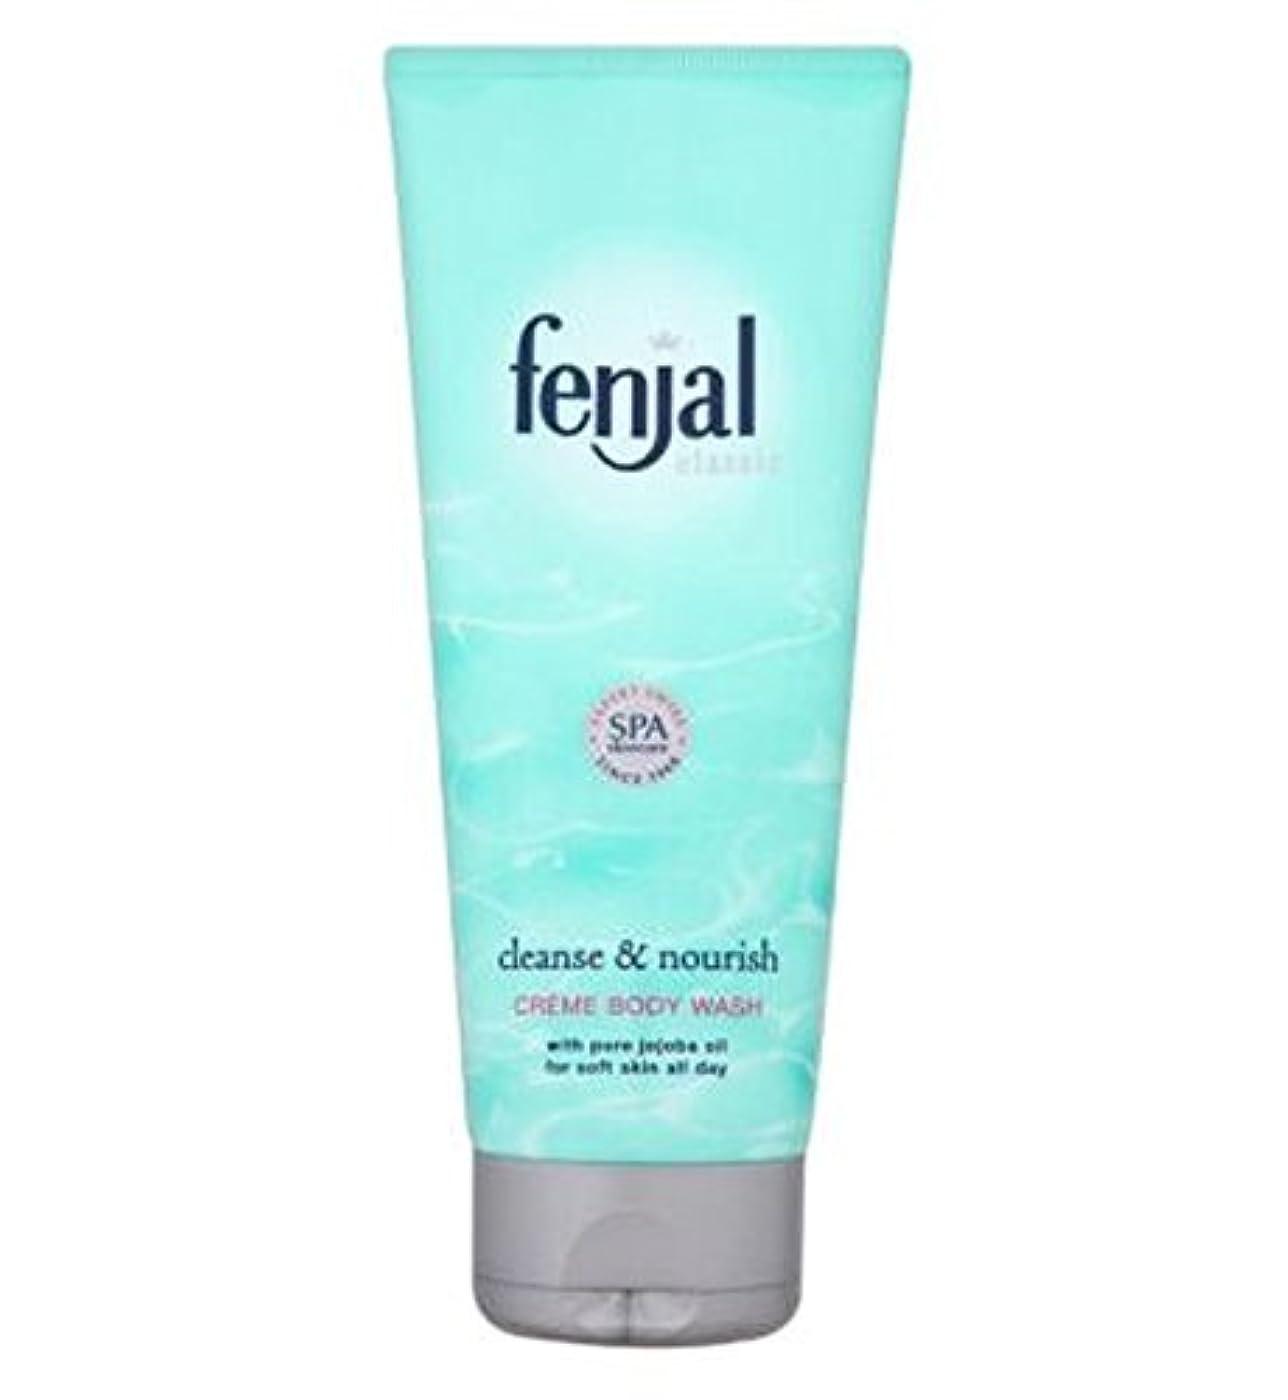 適合する仲介者多数のFenjal古典的な高級クリームオイルボディウォッシュ (Fenjal) (x2) - Fenjal Classic Luxury Creme Oil Body Wash (Pack of 2) [並行輸入品]